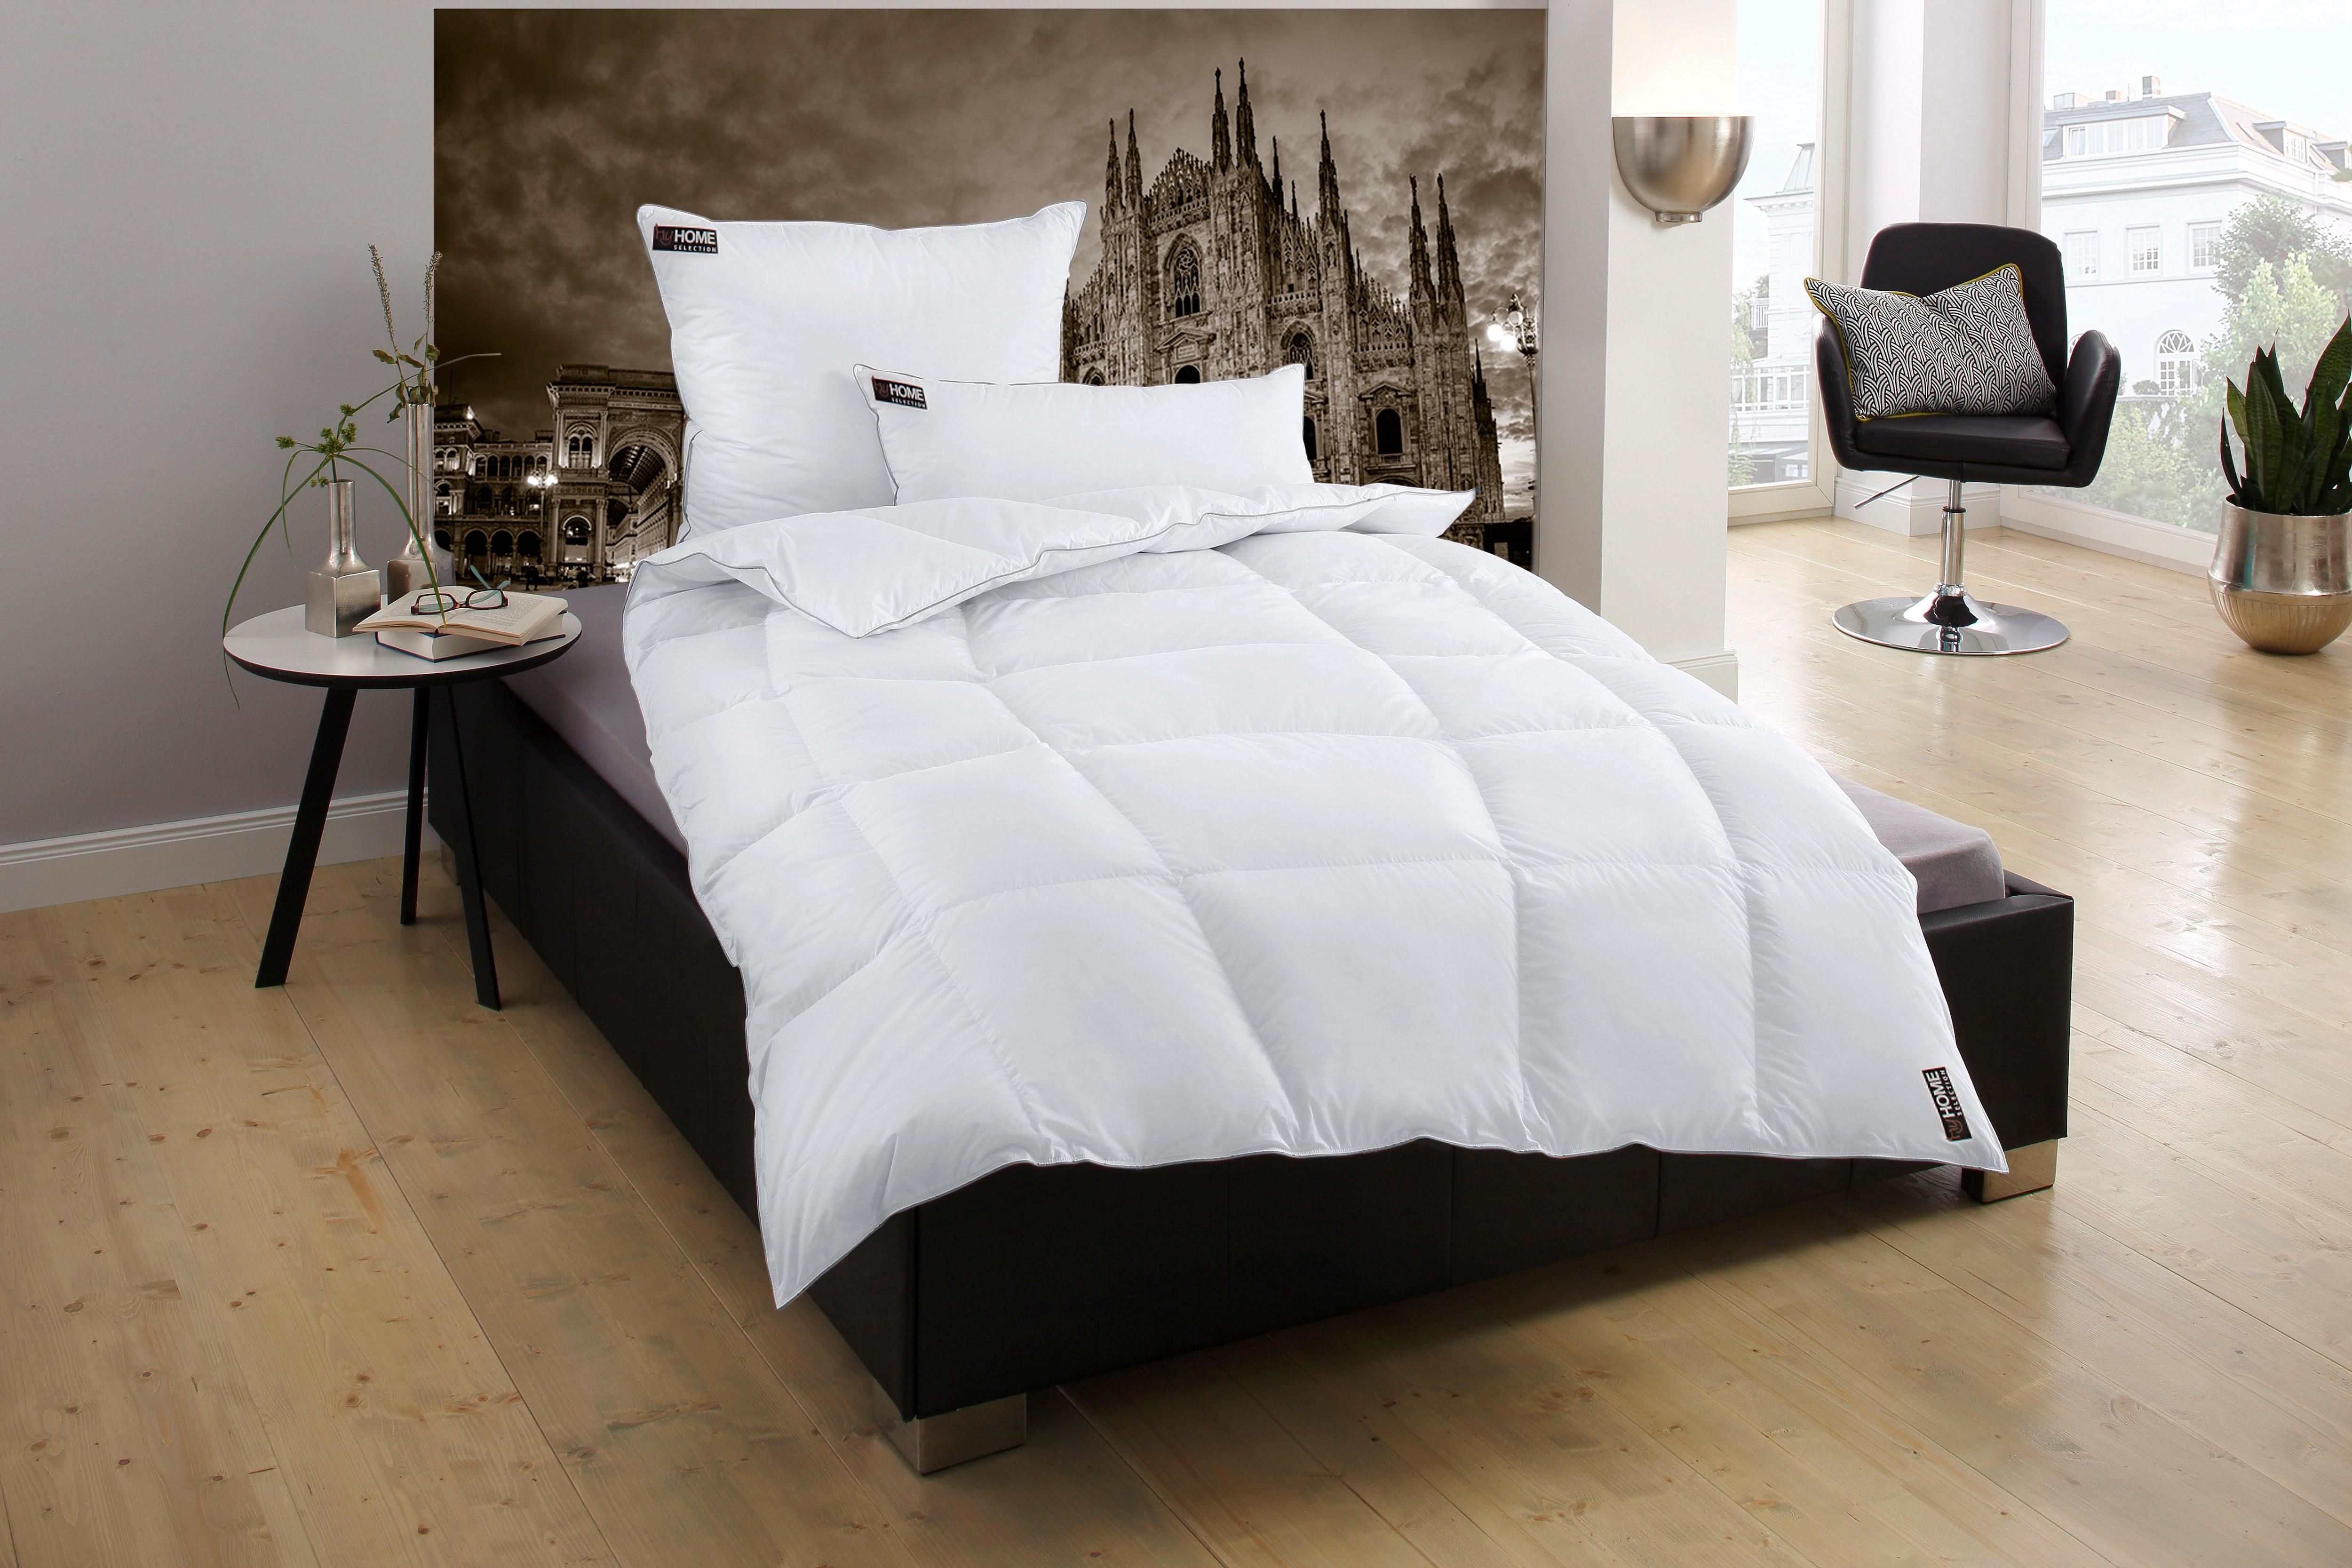 Daunenbettdecke Mailand my home Selection warm Füllung: 90% Daunen 10% Federn Bezug: 100% Baumwolle